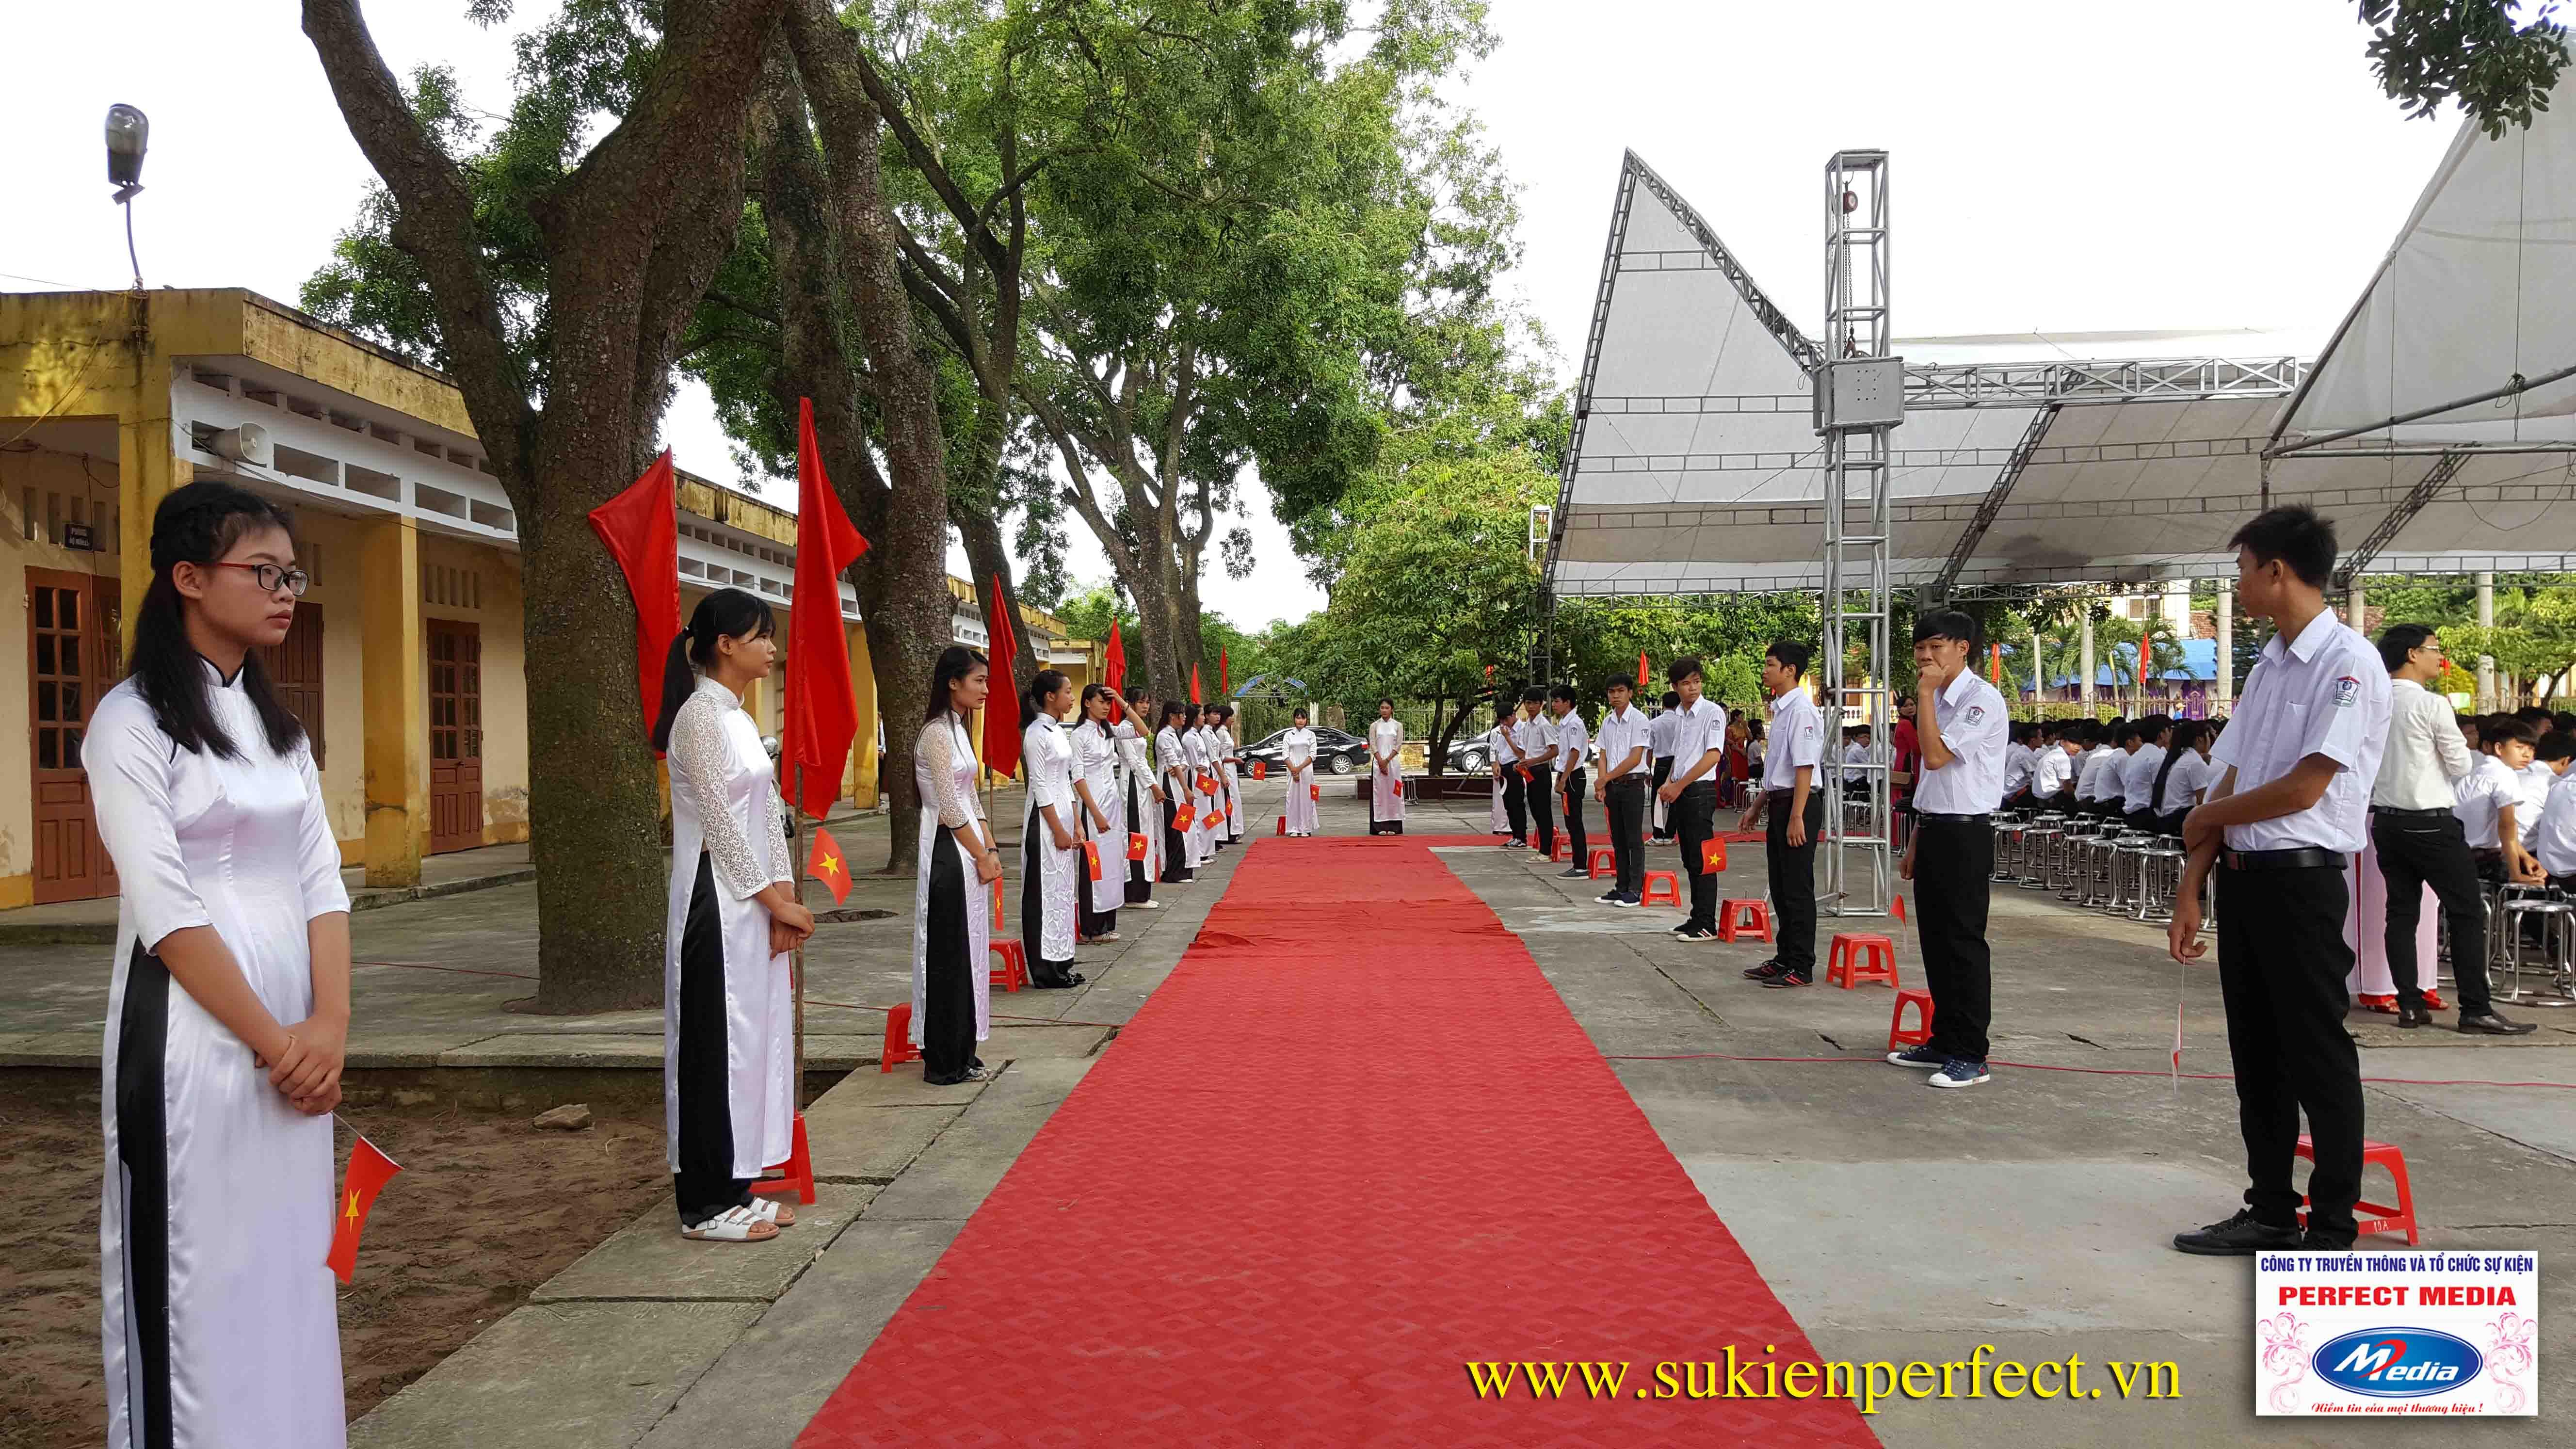 Hình ảnh trong buổi lễ THPT Phúc Thành đón chuẩn Quốc gia 03